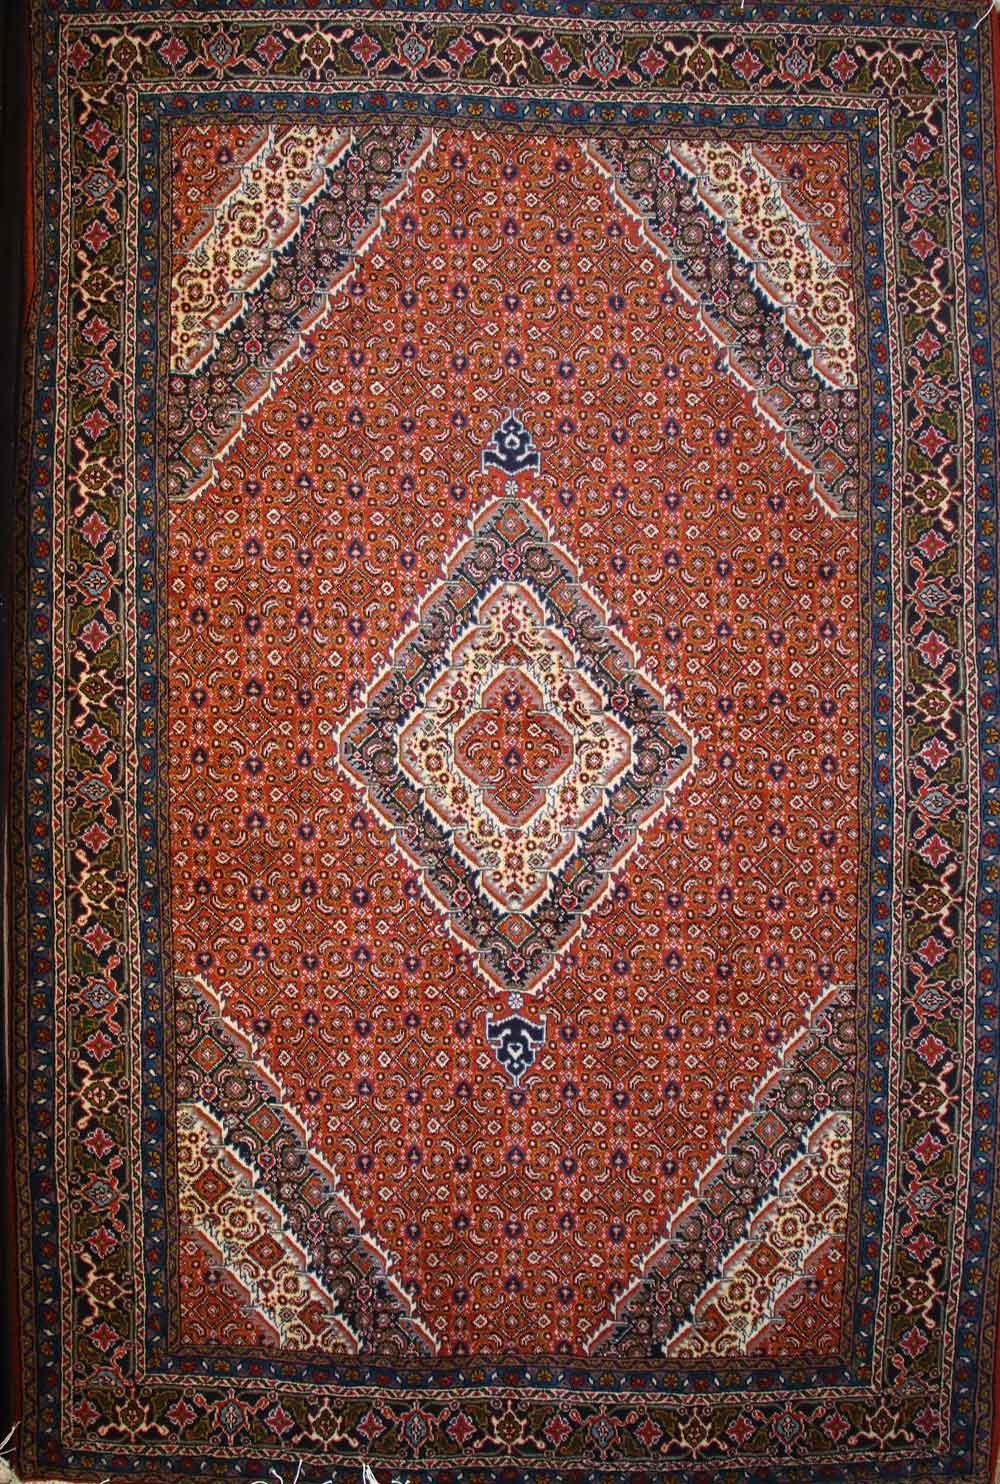 فرش دست بافت شش متری نقشه کسمه لچک ریزماهی اردبیل رنگ مسی